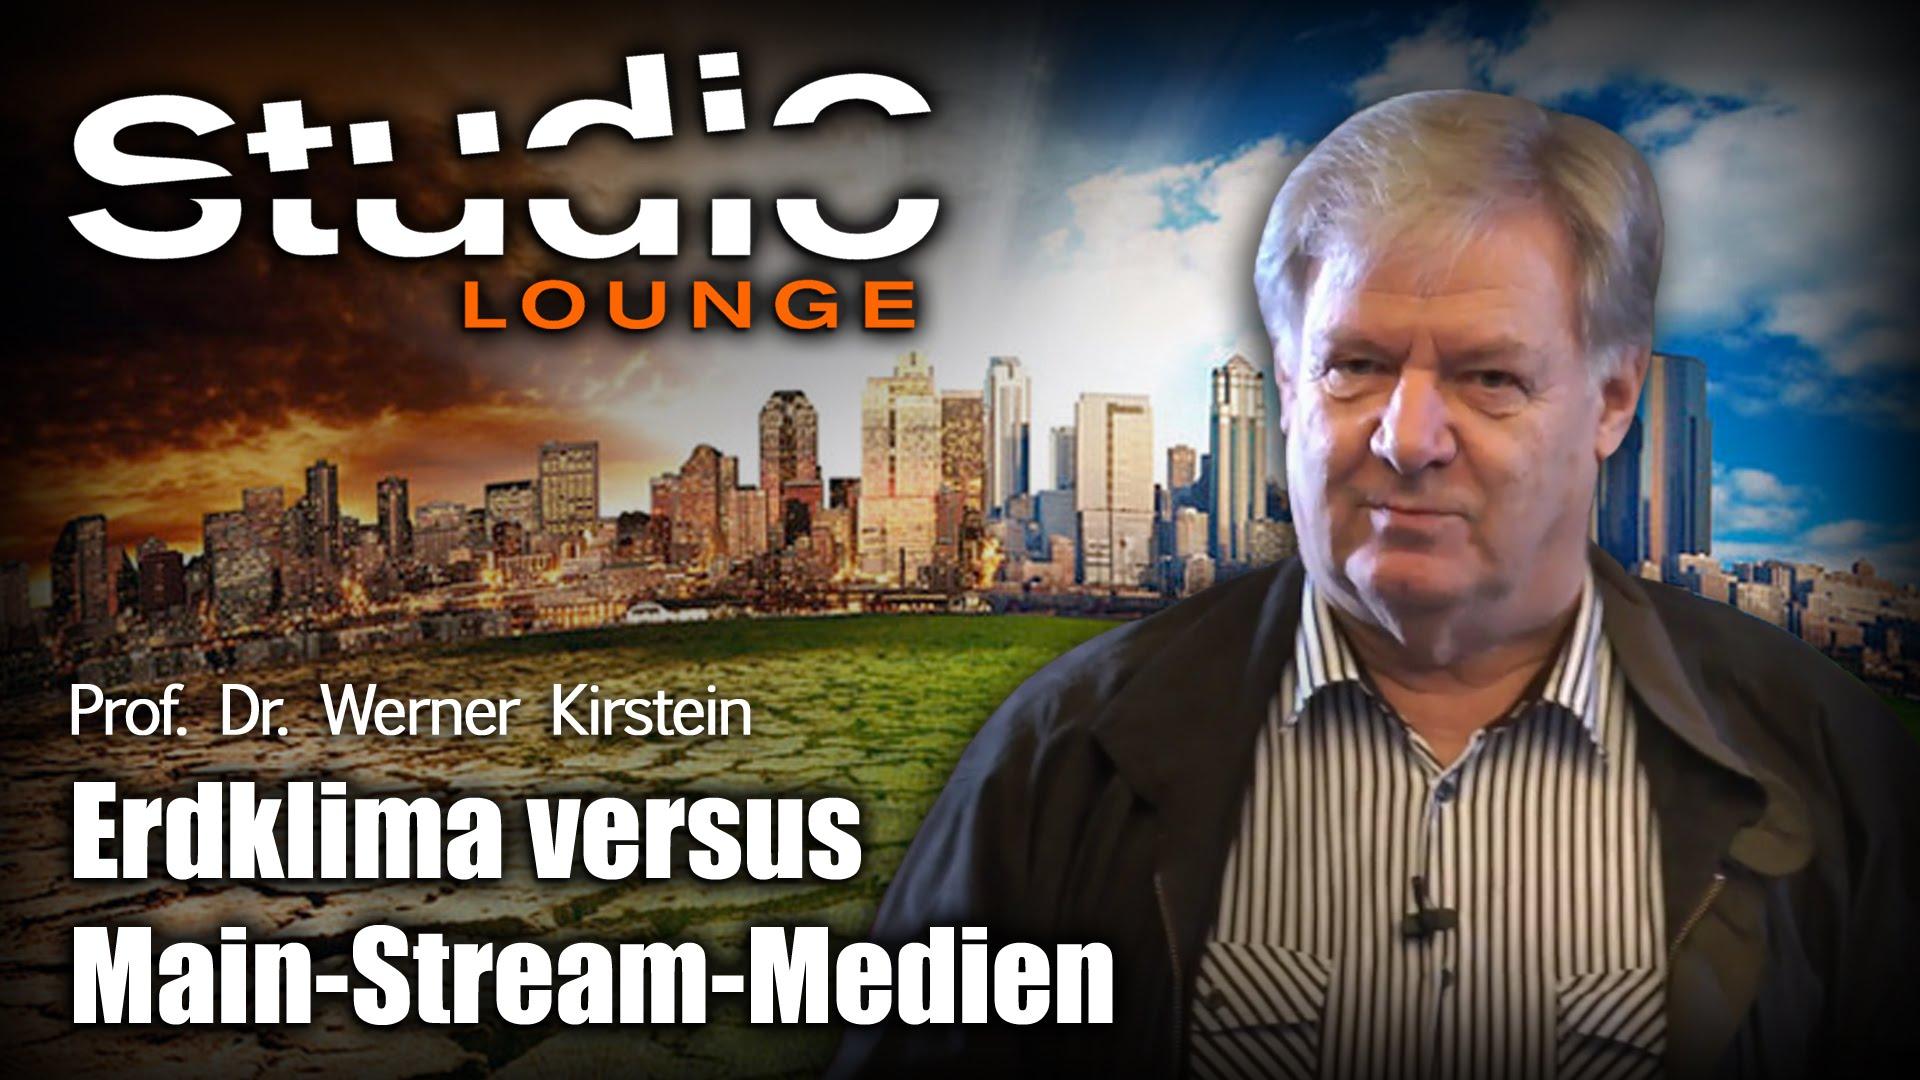 Erdklima vs. Mainstream-Medien – Prof. Dr. Werner Kirstein